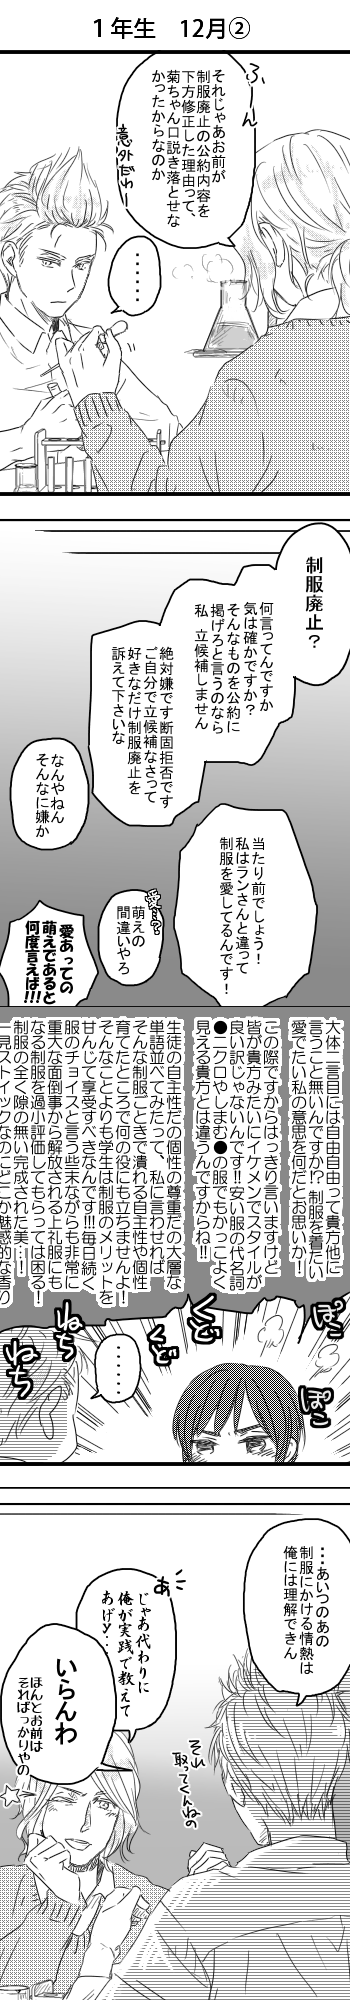 学パロ4コマ1-12_2